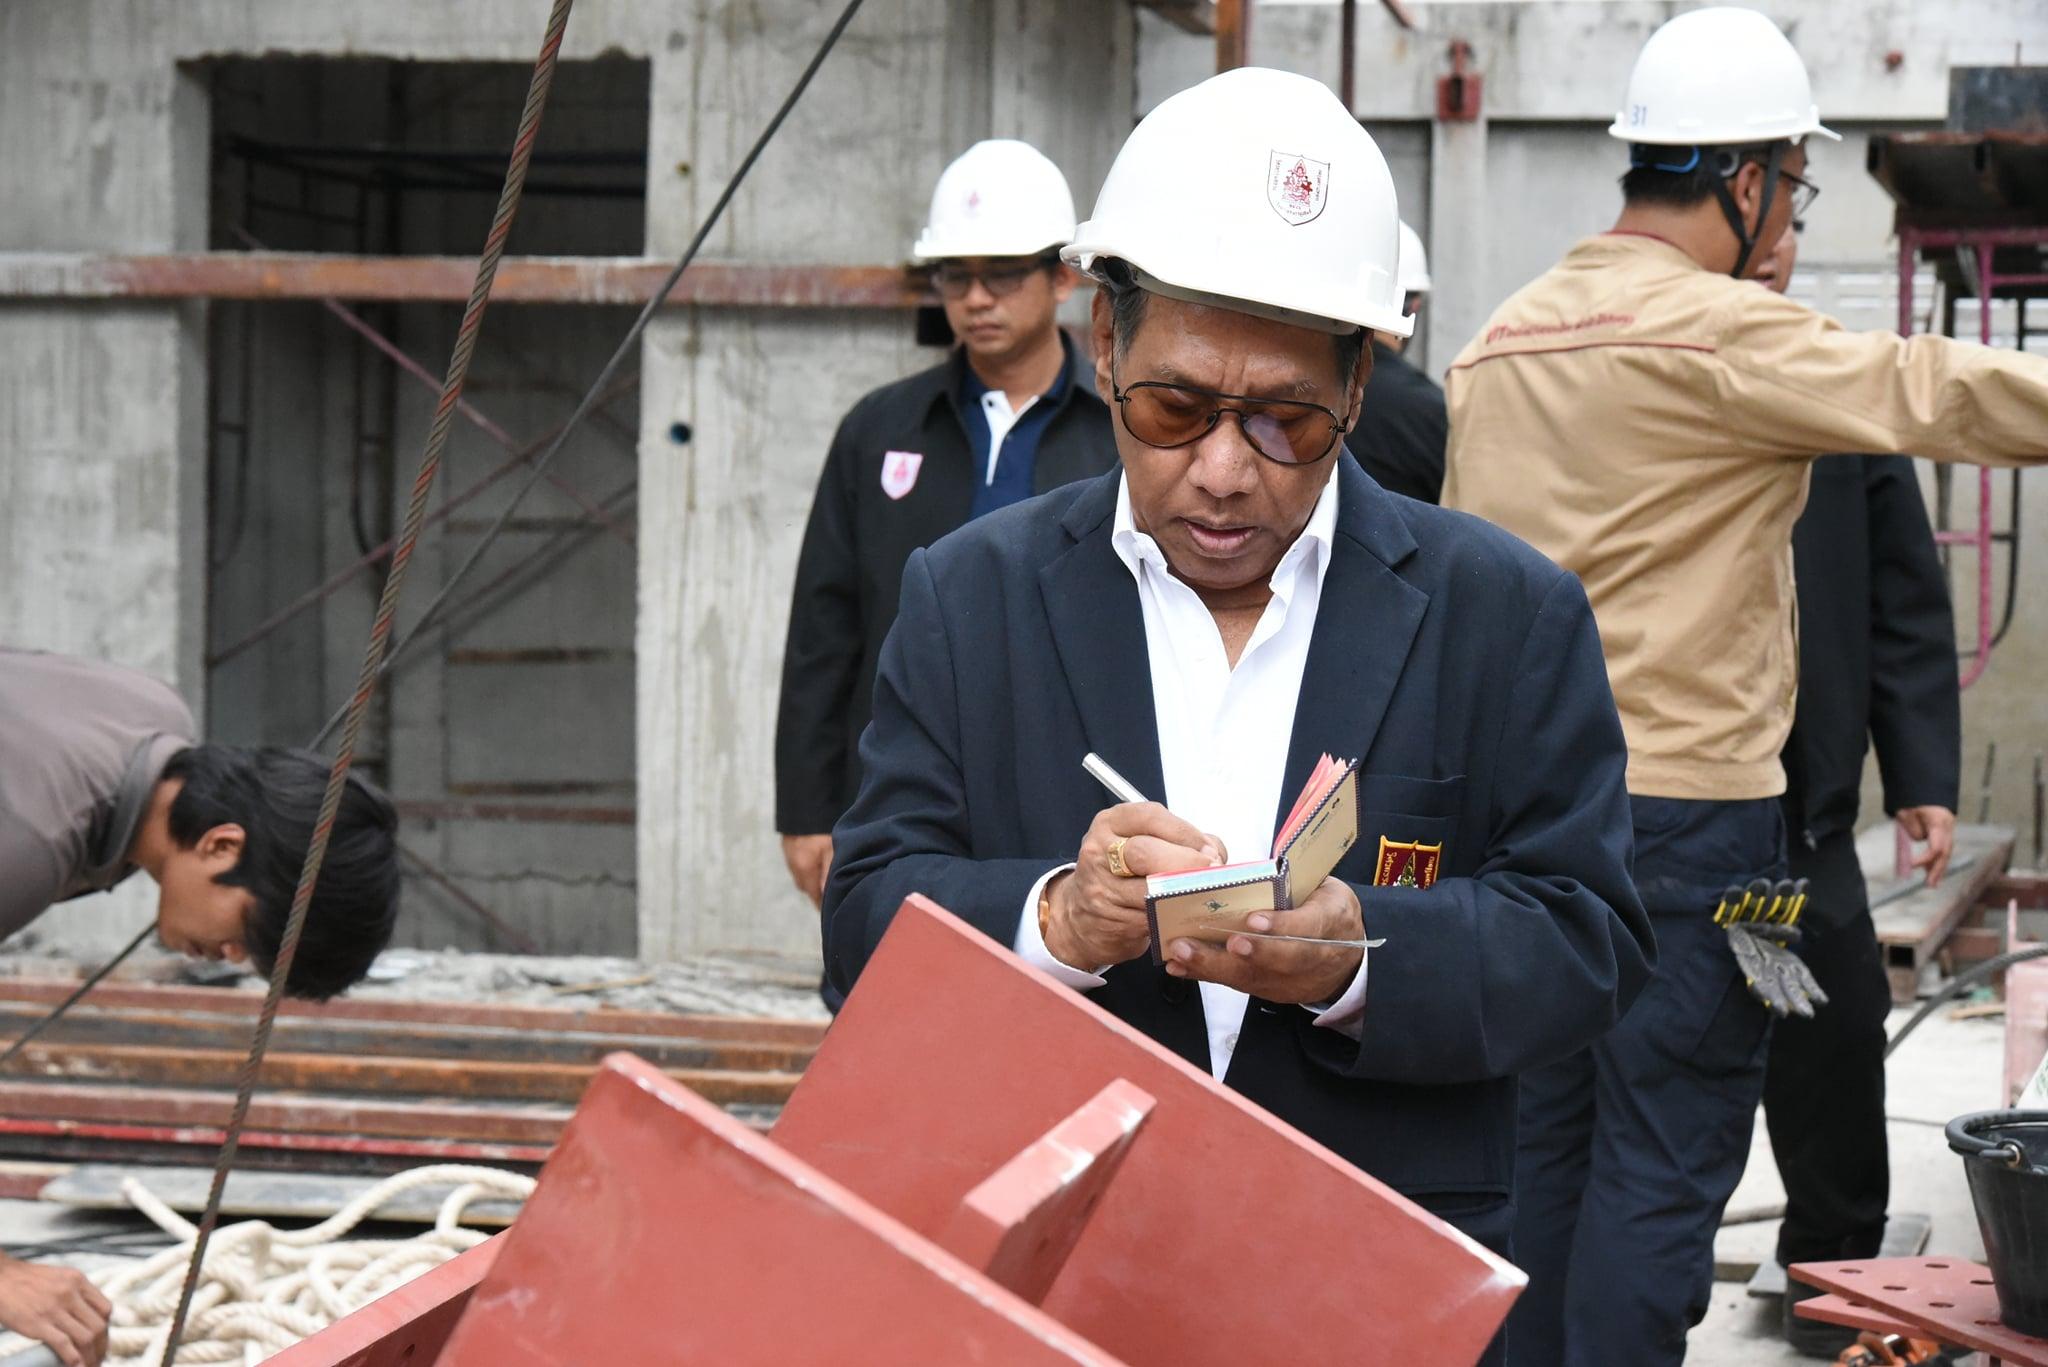 วิศวกรรมสถานแห่งประเทศไทยฯ (วสท.)   ลงพื้นที่เกิดเหตุโครงสร้างรับชุดรอกถล่ม บริเวณใกล้อาคารคลองถม เซ็นเตอร์ ถนนวรจักร แขวงป้อมปราบ เขตป้อมปราบศัตรูพ่าย